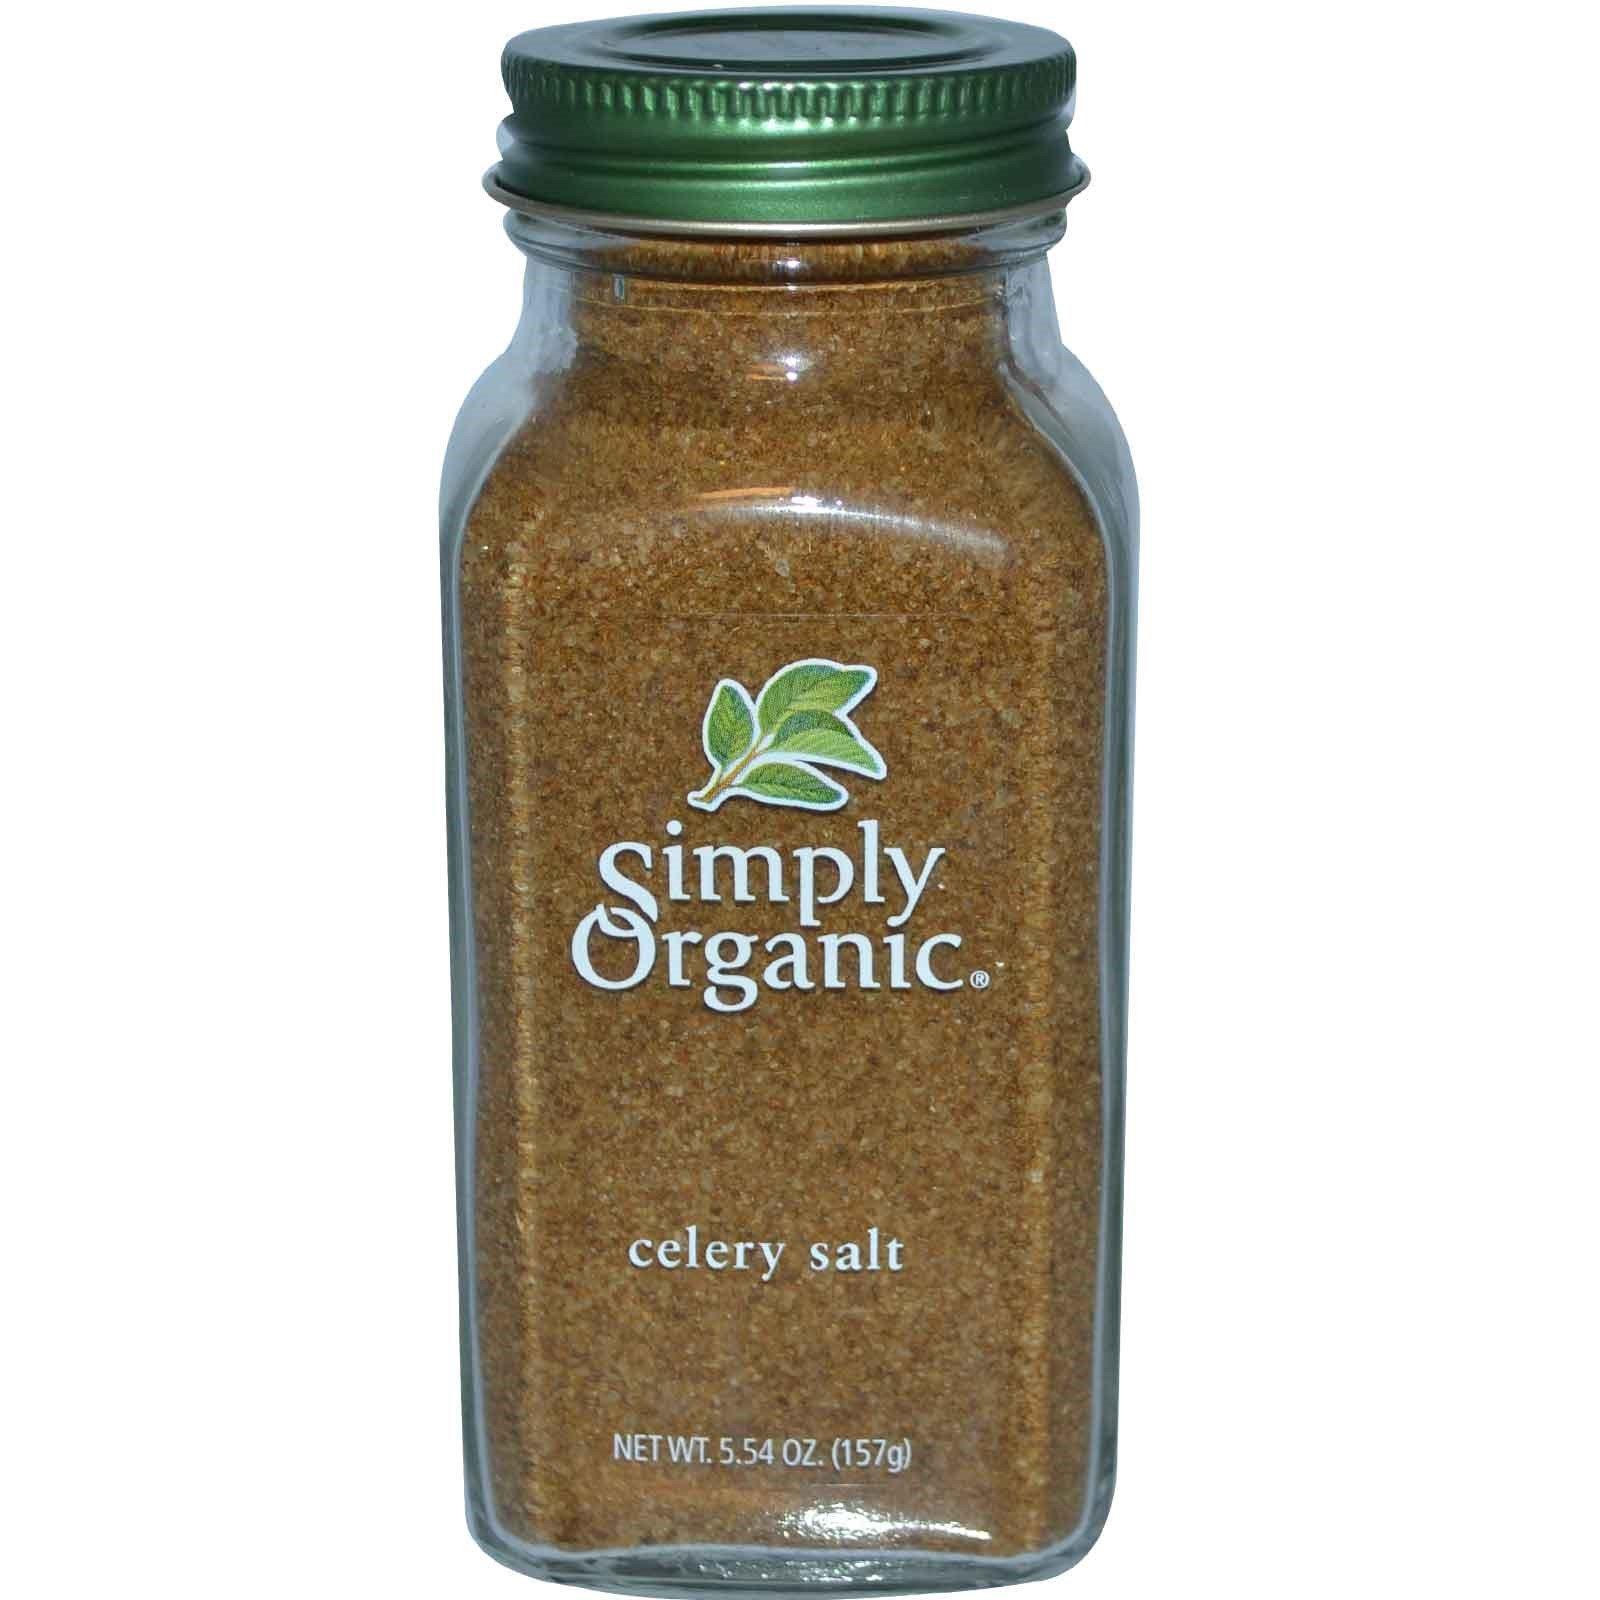 Simply Organic, Celery Salt, 5.54 oz (157 g) by Simply Organic (Image #1)